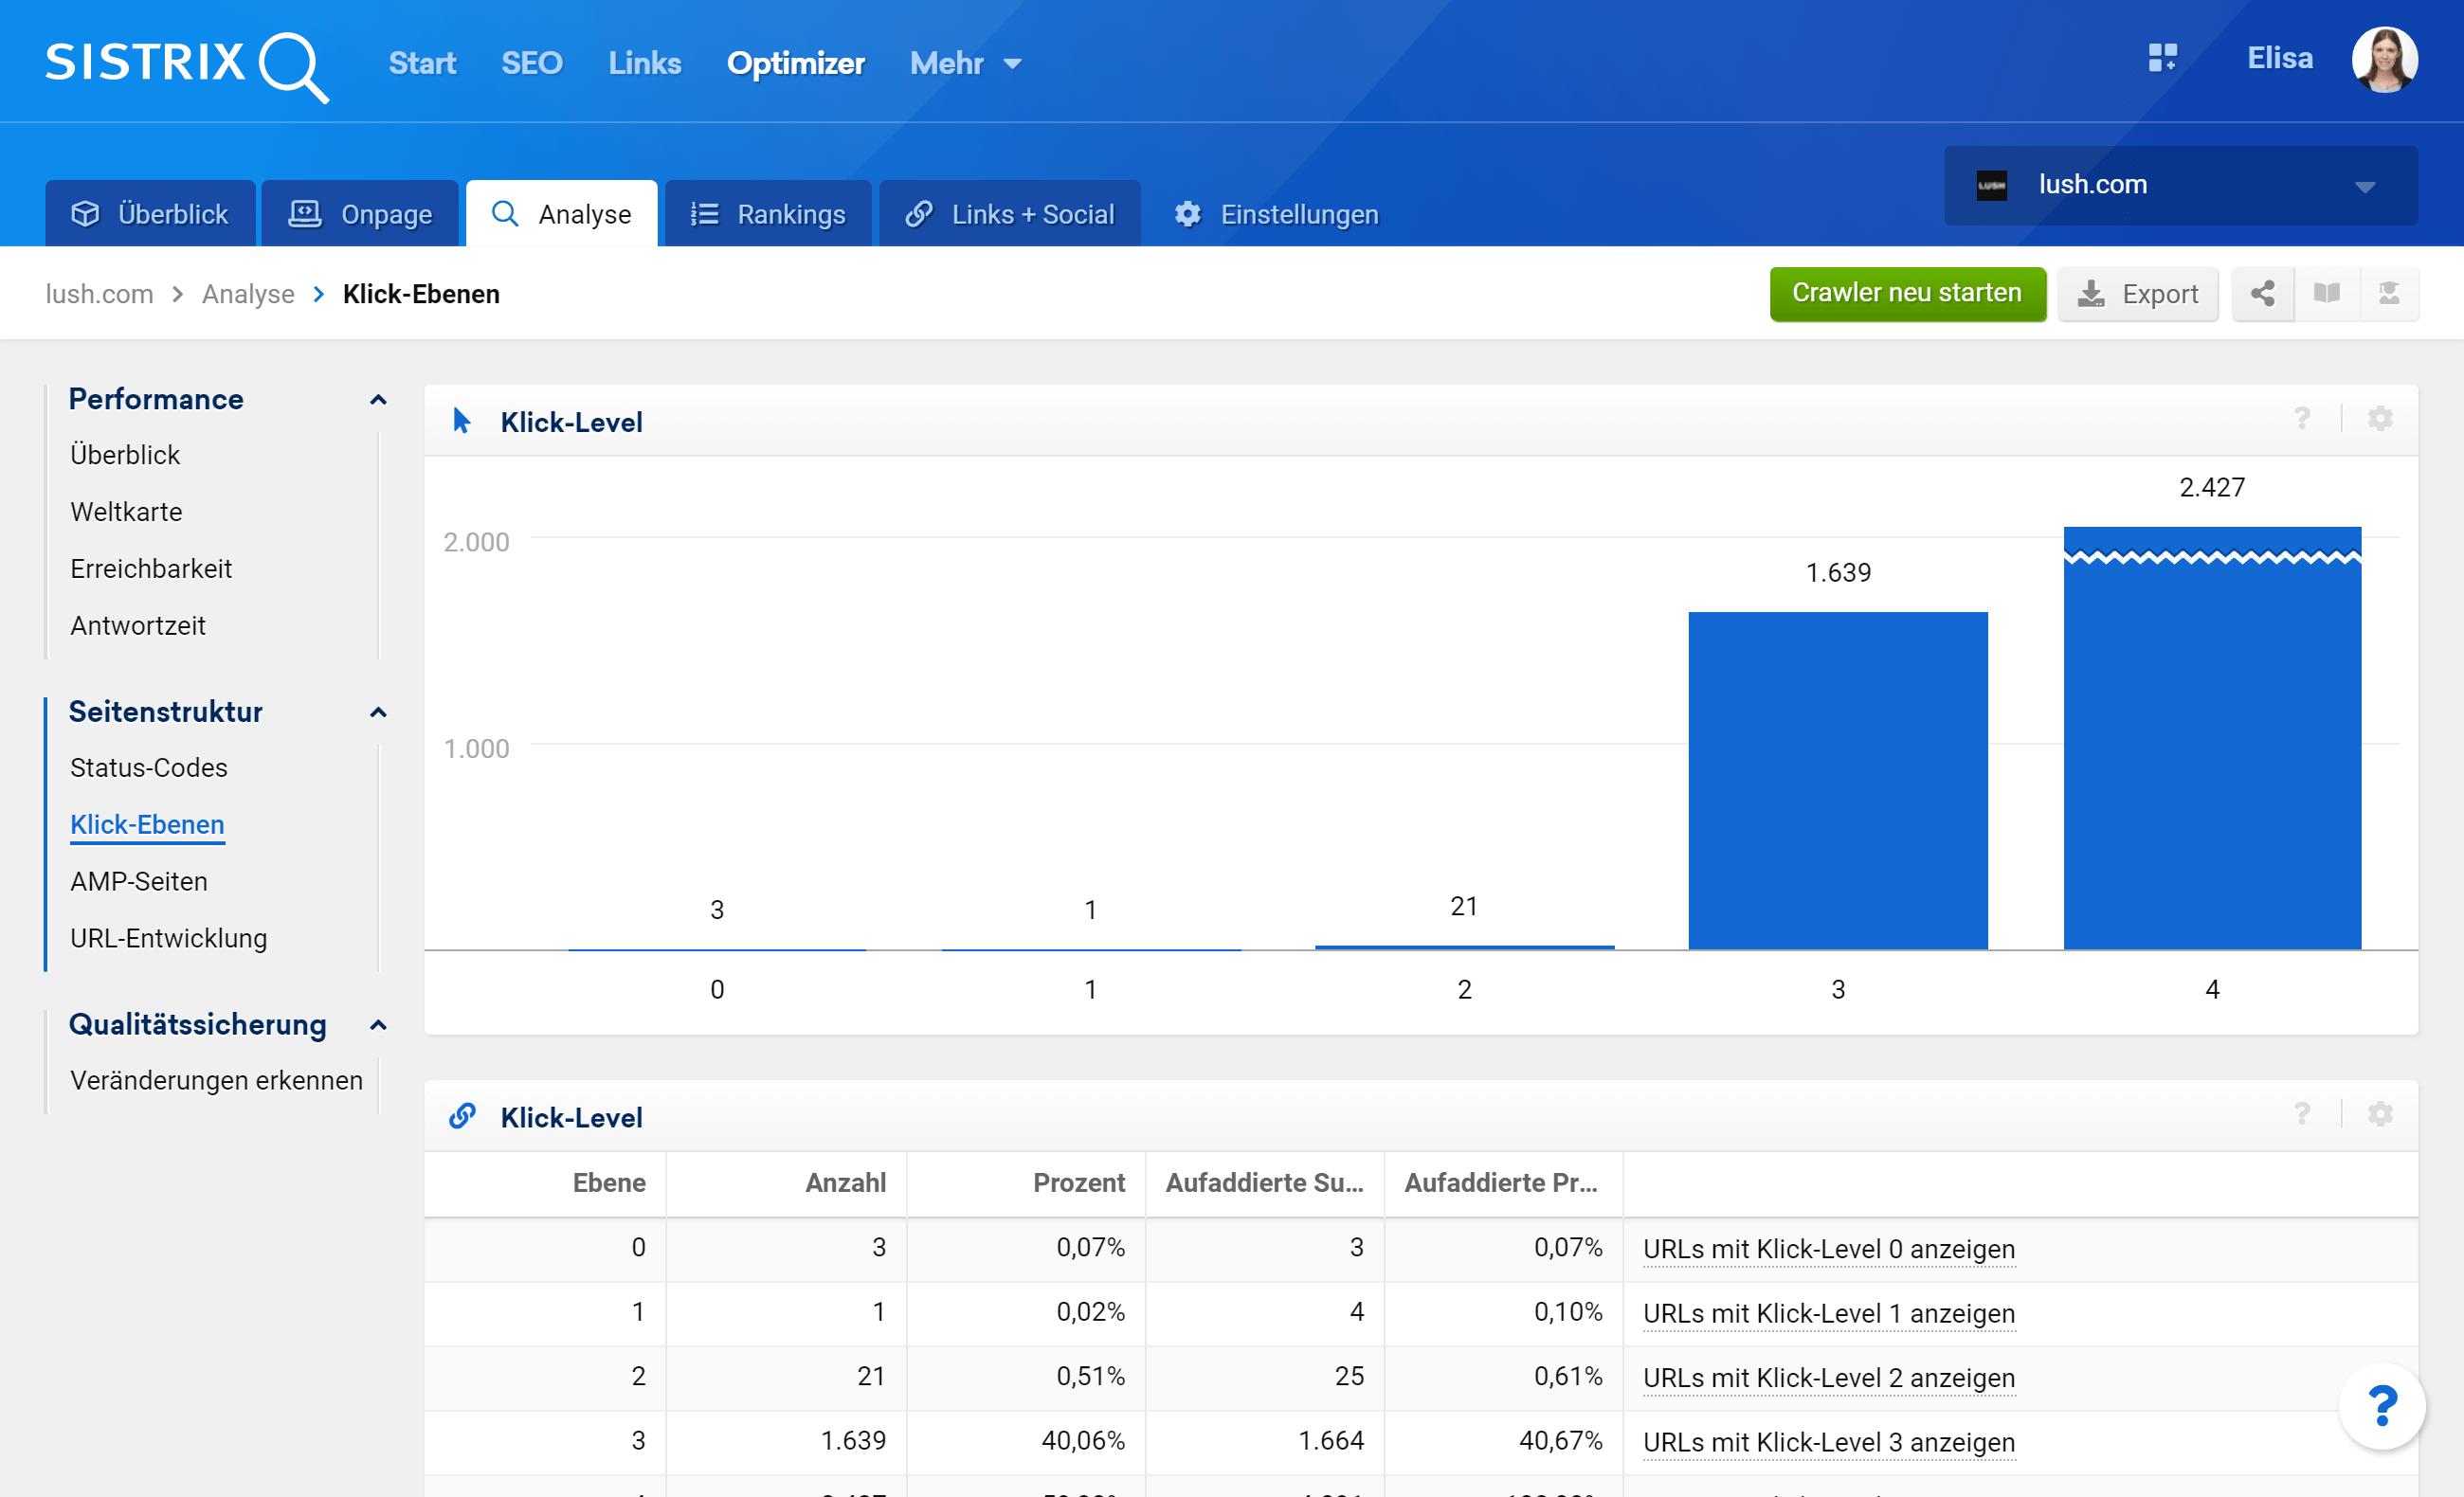 Die Funktion Klick-Ebenen im SISTRIX Optimizer